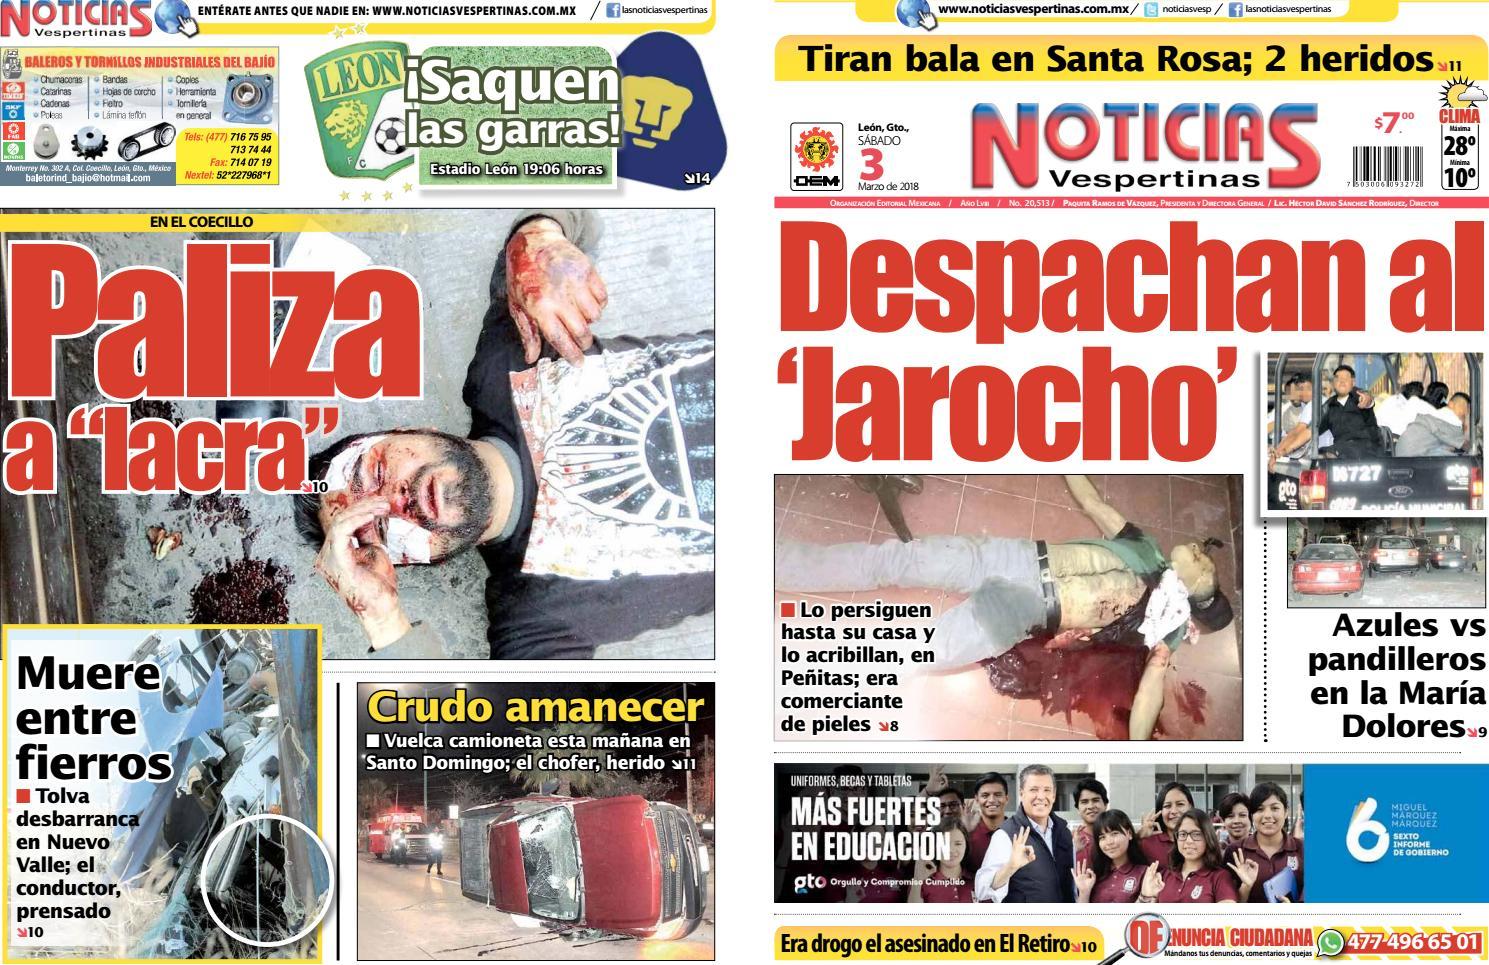 831ce6616603 Noticias Vespertinas 20180303 by El Sol de León - issuu